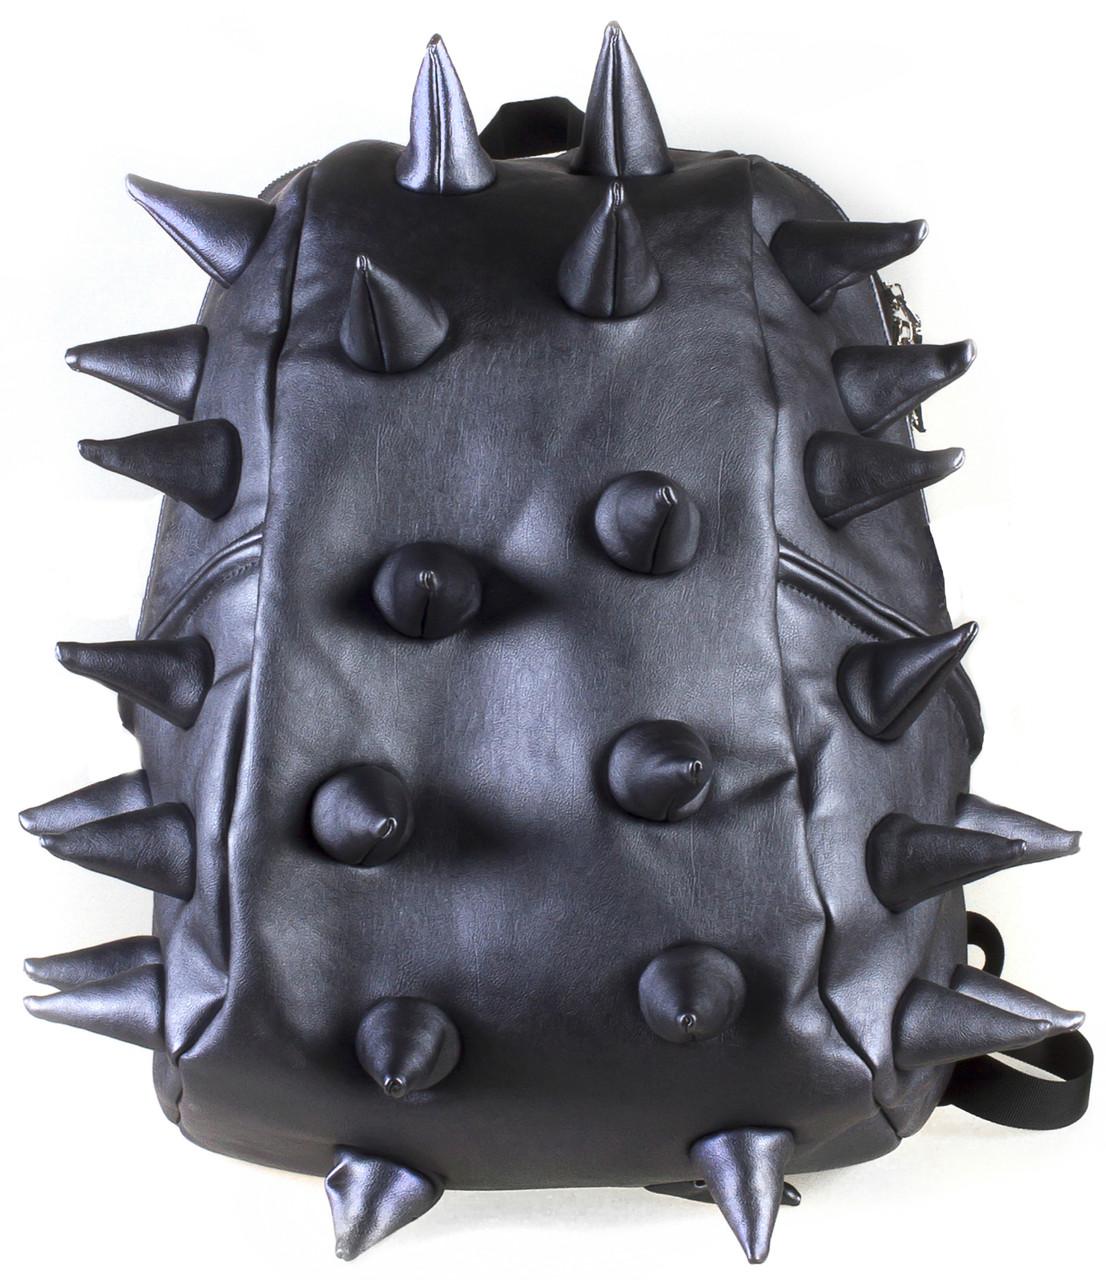 Рюкзак Rex Half MadPax КZ24483959, чорно-синій металік